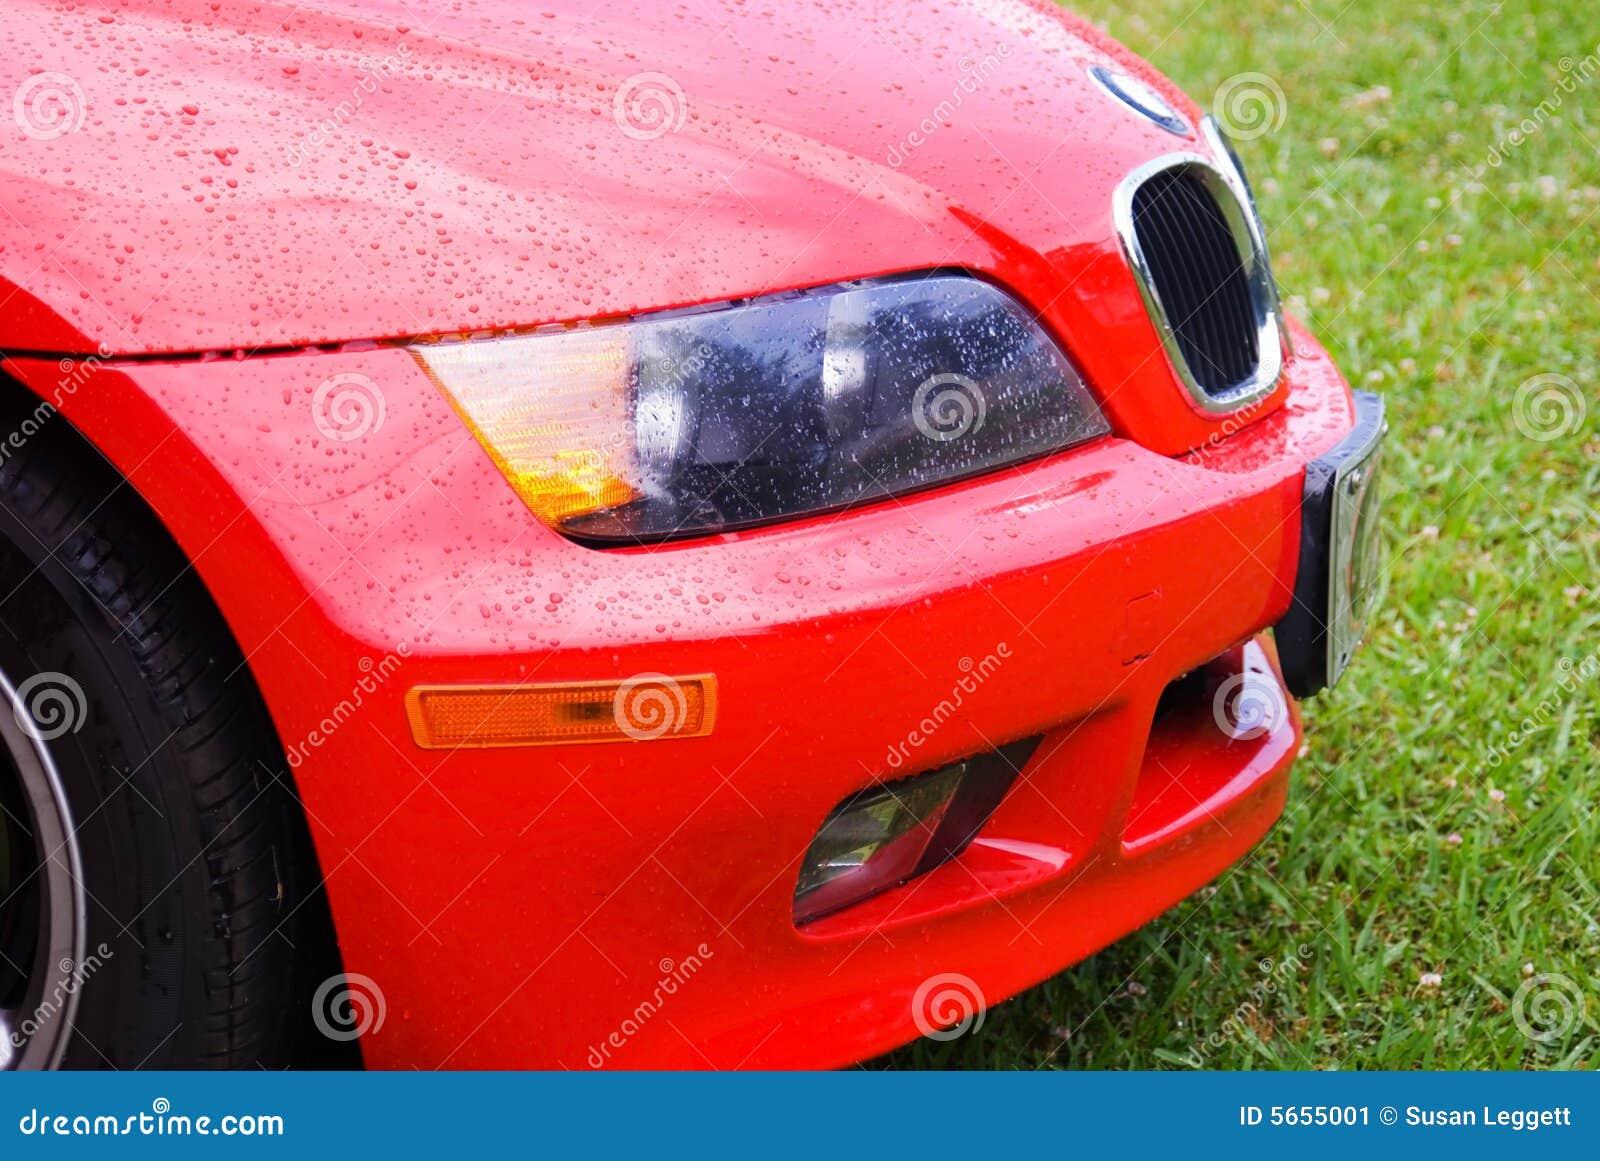 Regen op een Rode Auto